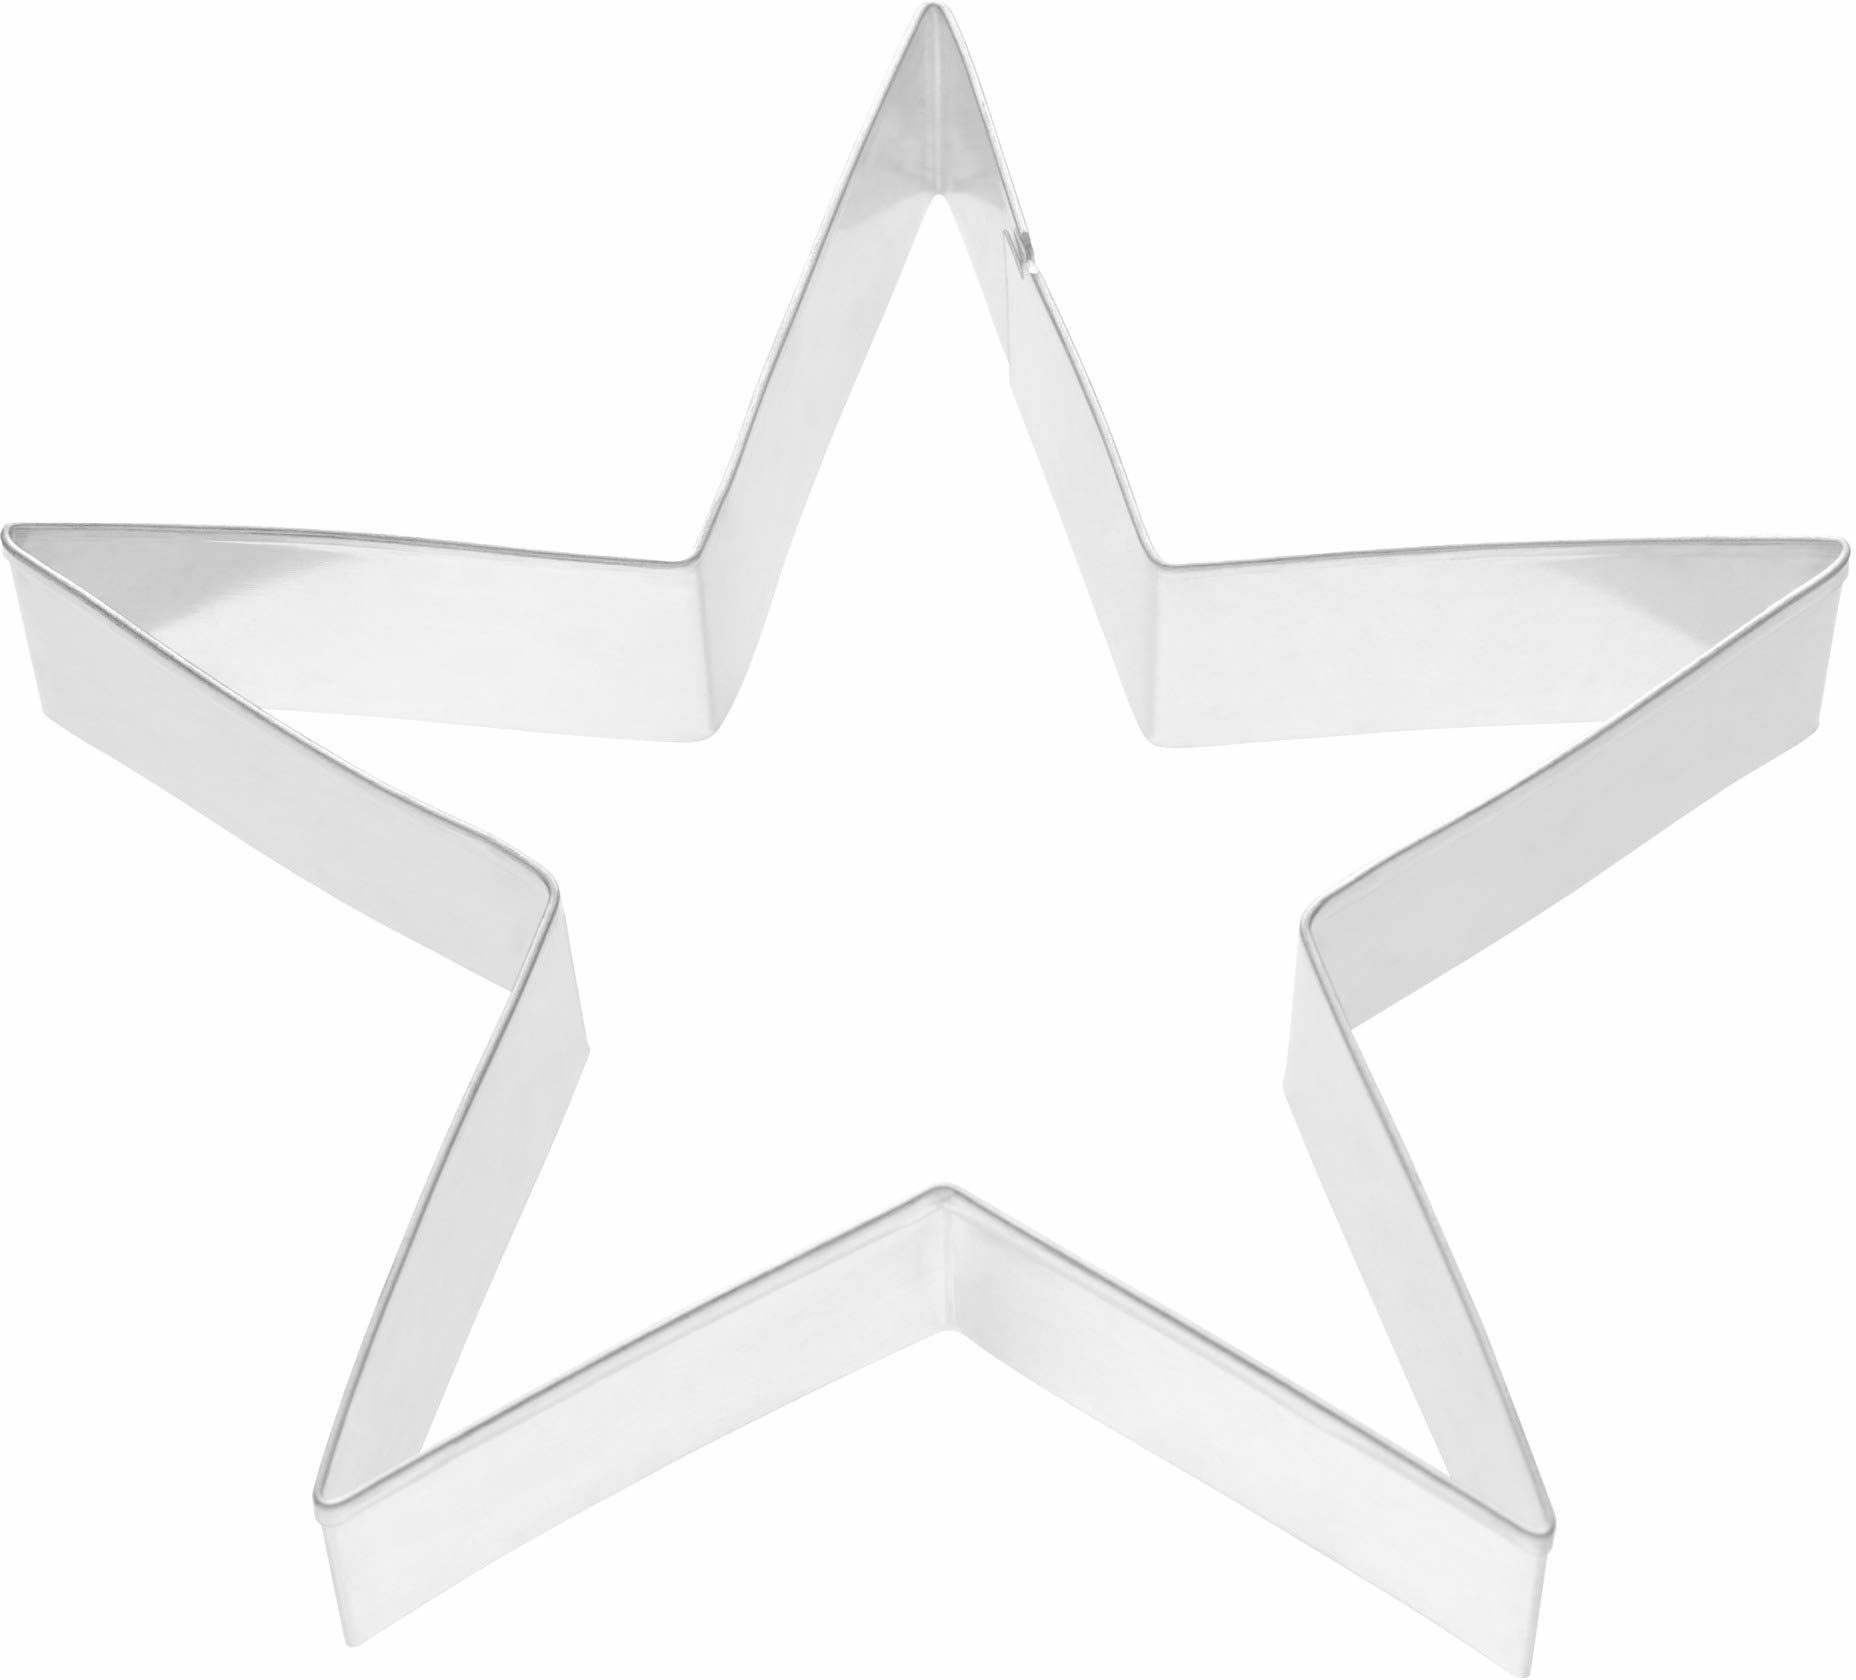 KAISER Boże Narodzenie foremka do ciastek w kształcie gwiazdy w kształcie piernika. Najwyższa jakość, wykonana ze stali nierdzewnej, lekka, precyzyjne cięcie, bezpieczna, przyjemna obsługa